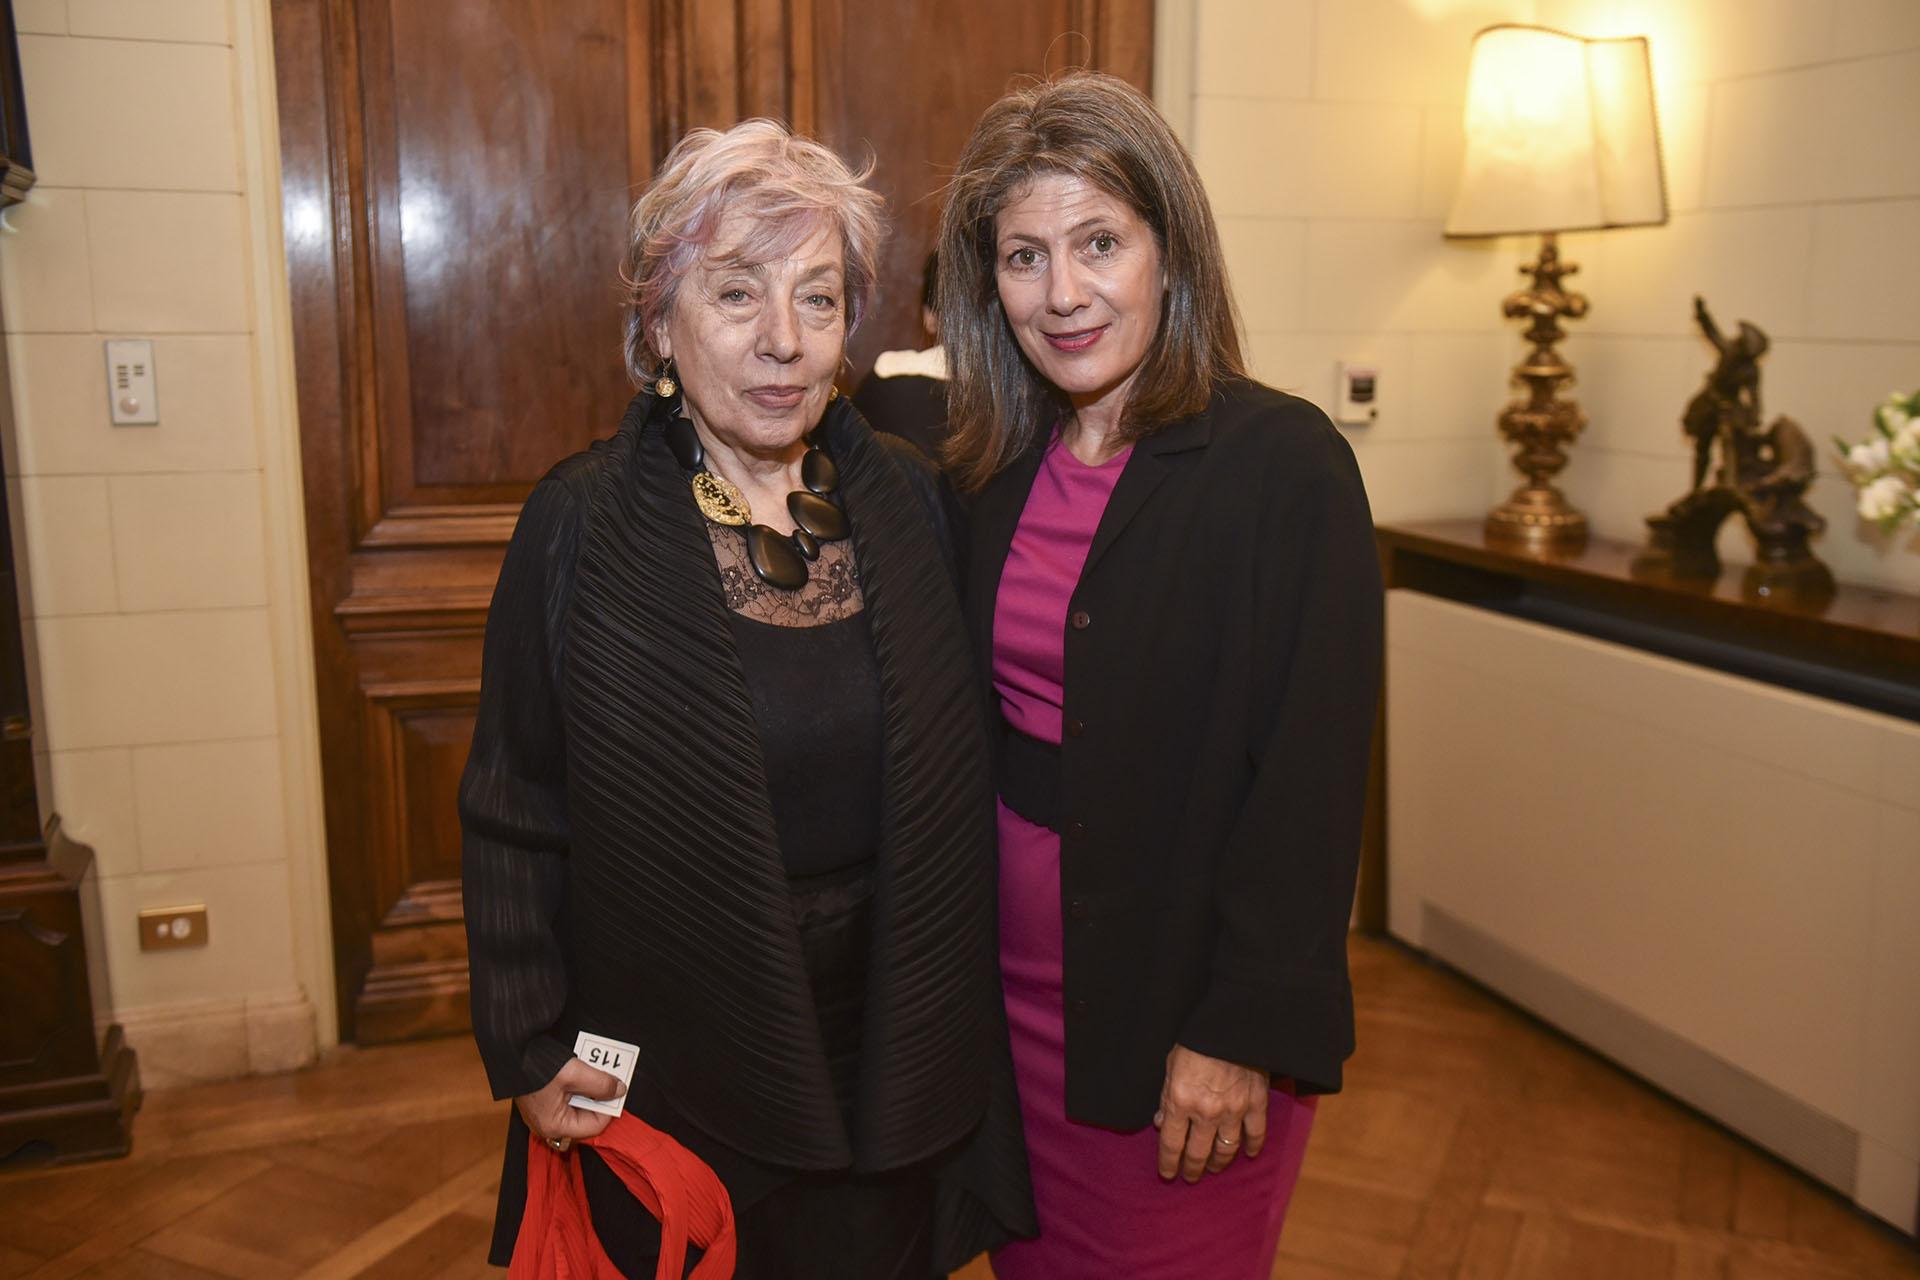 Norma Morandini, directora del Observatorio de Derechos Humanos del Senado, y Martine Kent